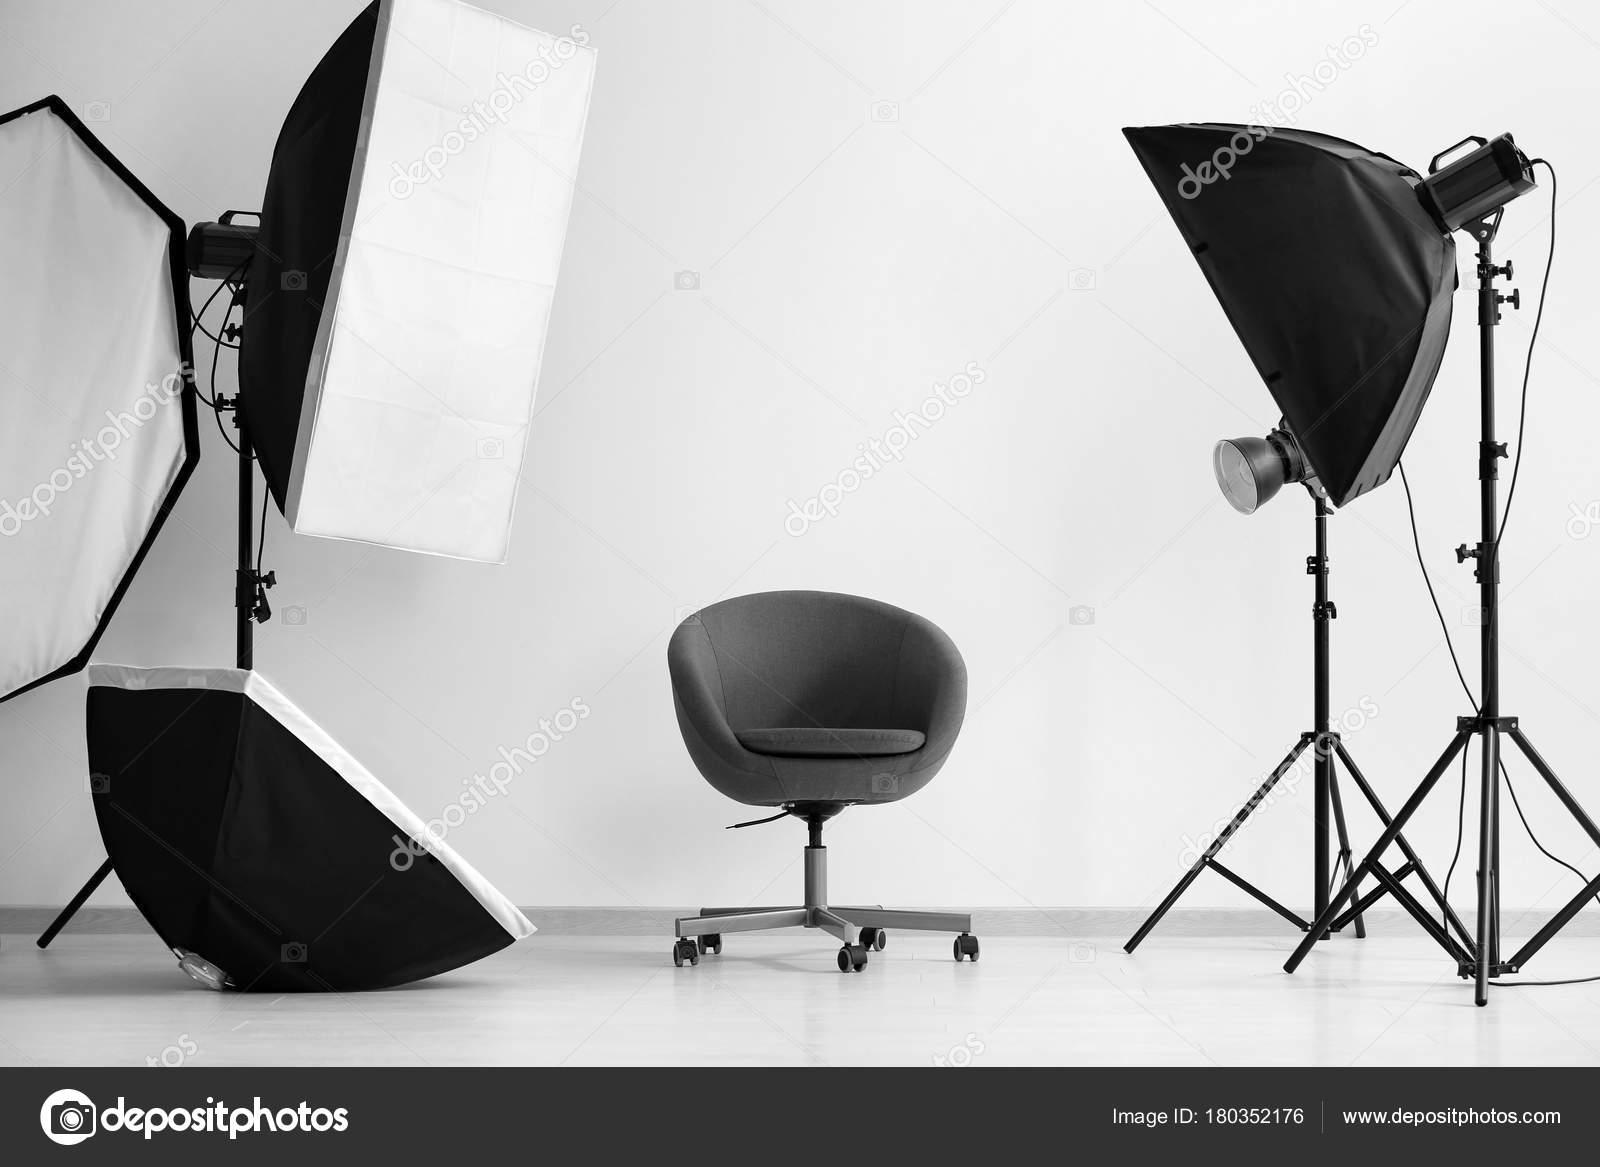 Merveilleux Intérieur Du Studio Photo Moderne Avec Fauteuil Et Matériel Professionnelu2013  Images De Stock Libres De Droits